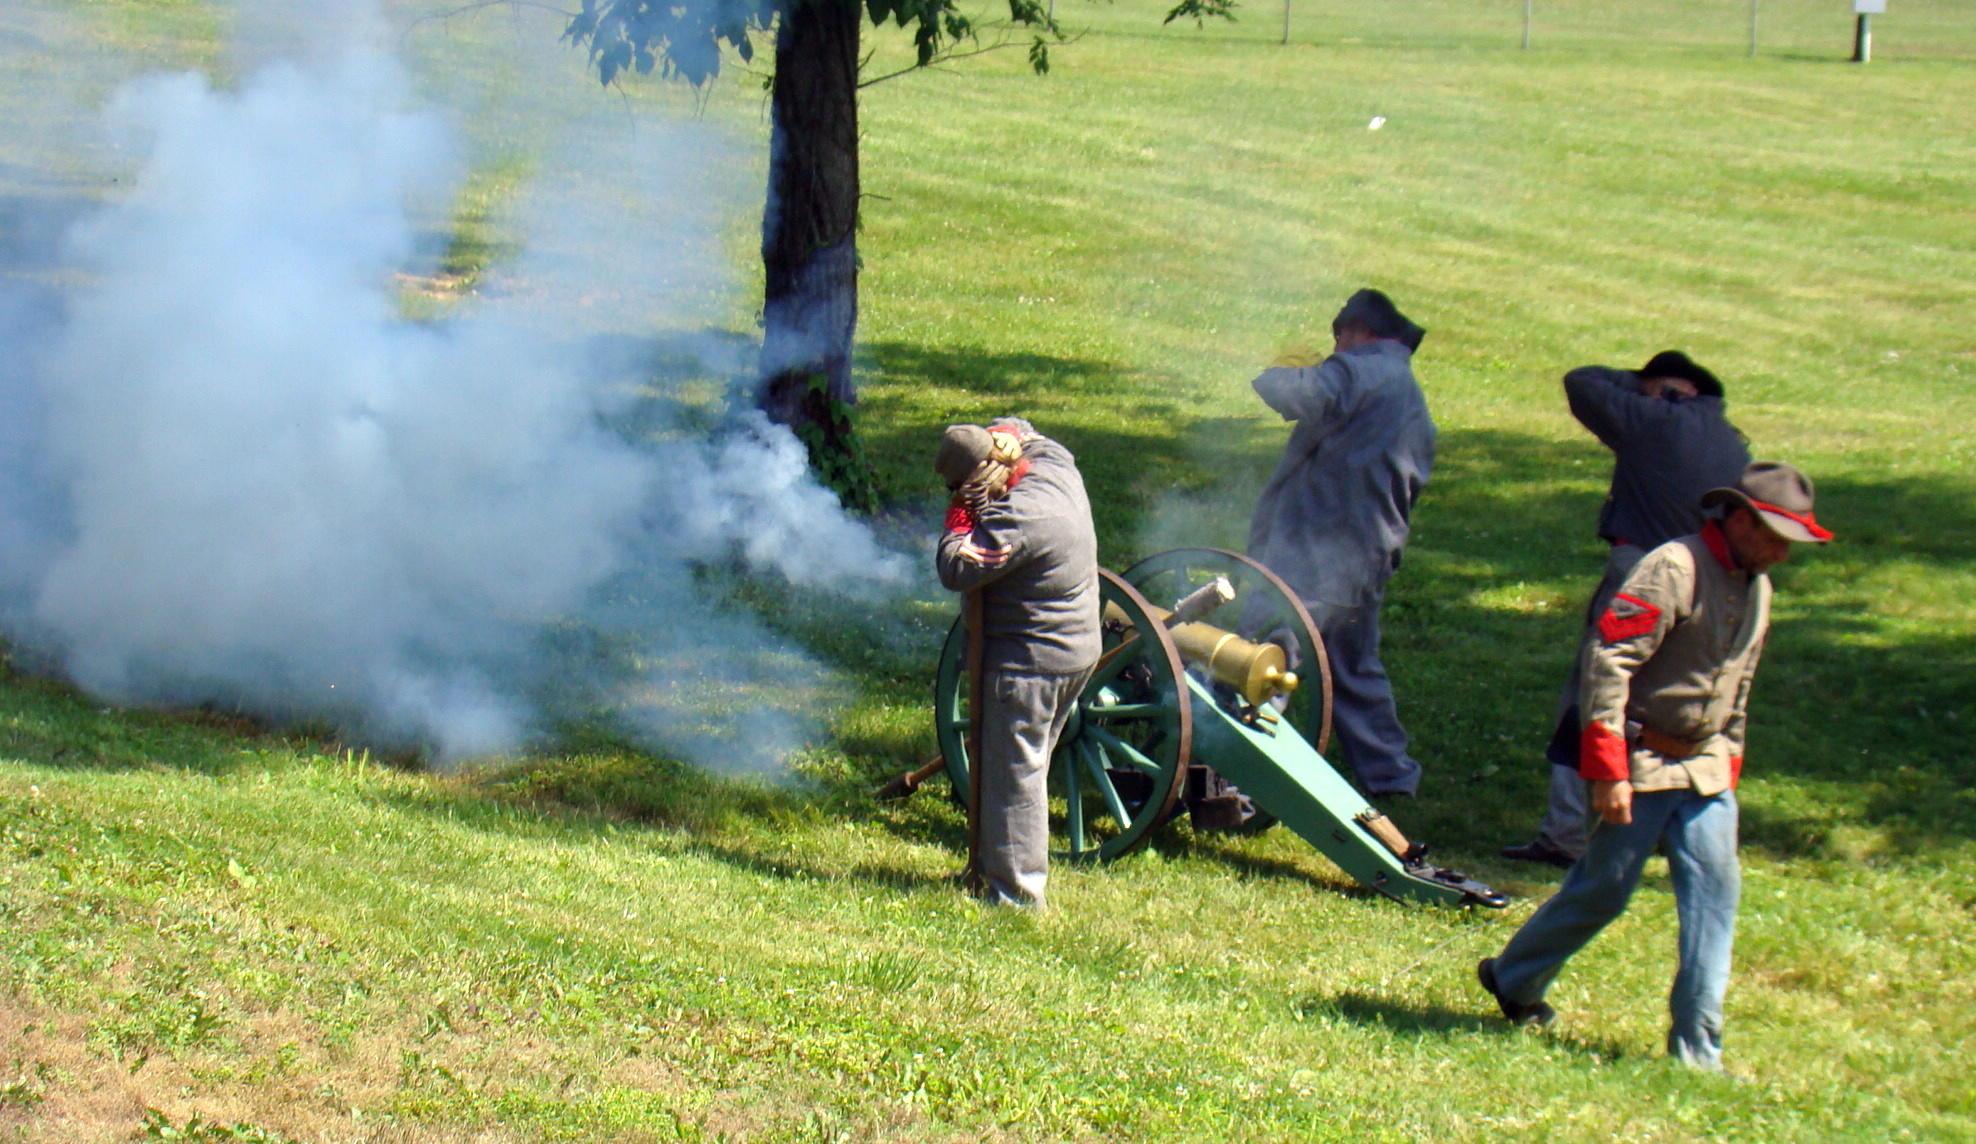 Cannon fire ignites celebration.